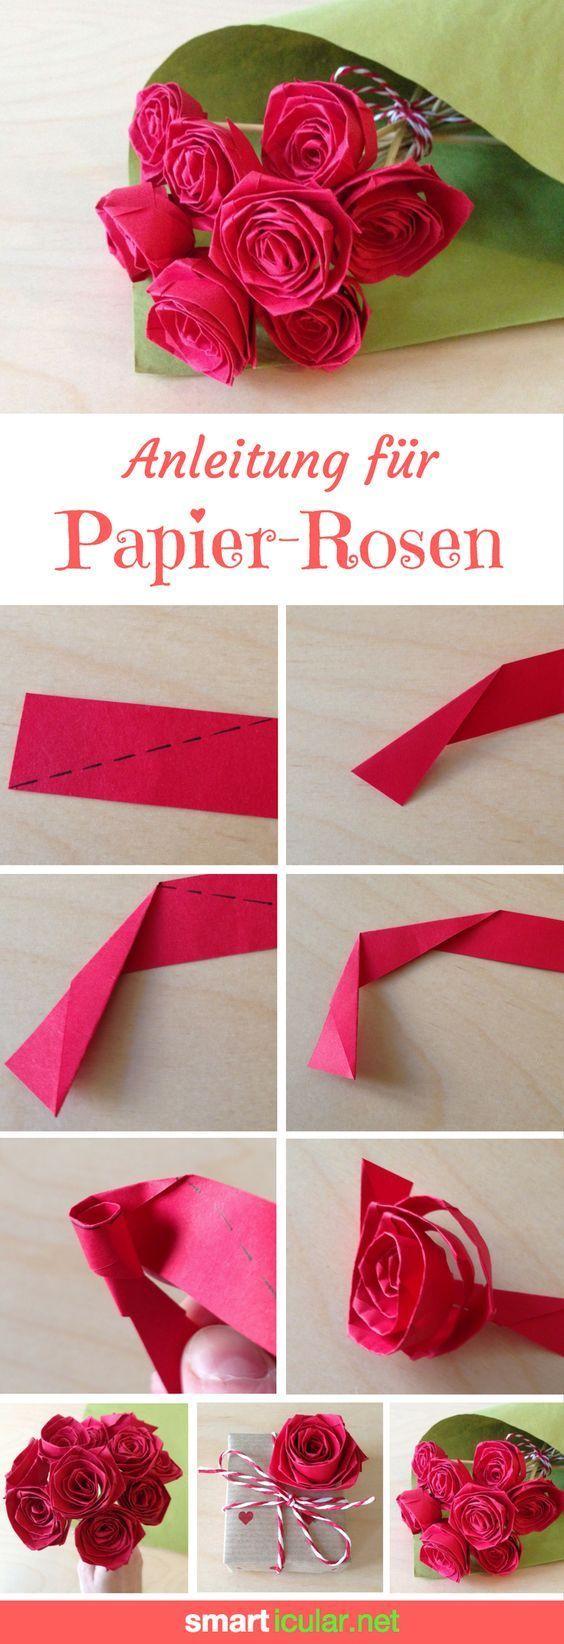 Rosen Einfach Aus Papier Falten Nachhaltig Und Langlebig Origami